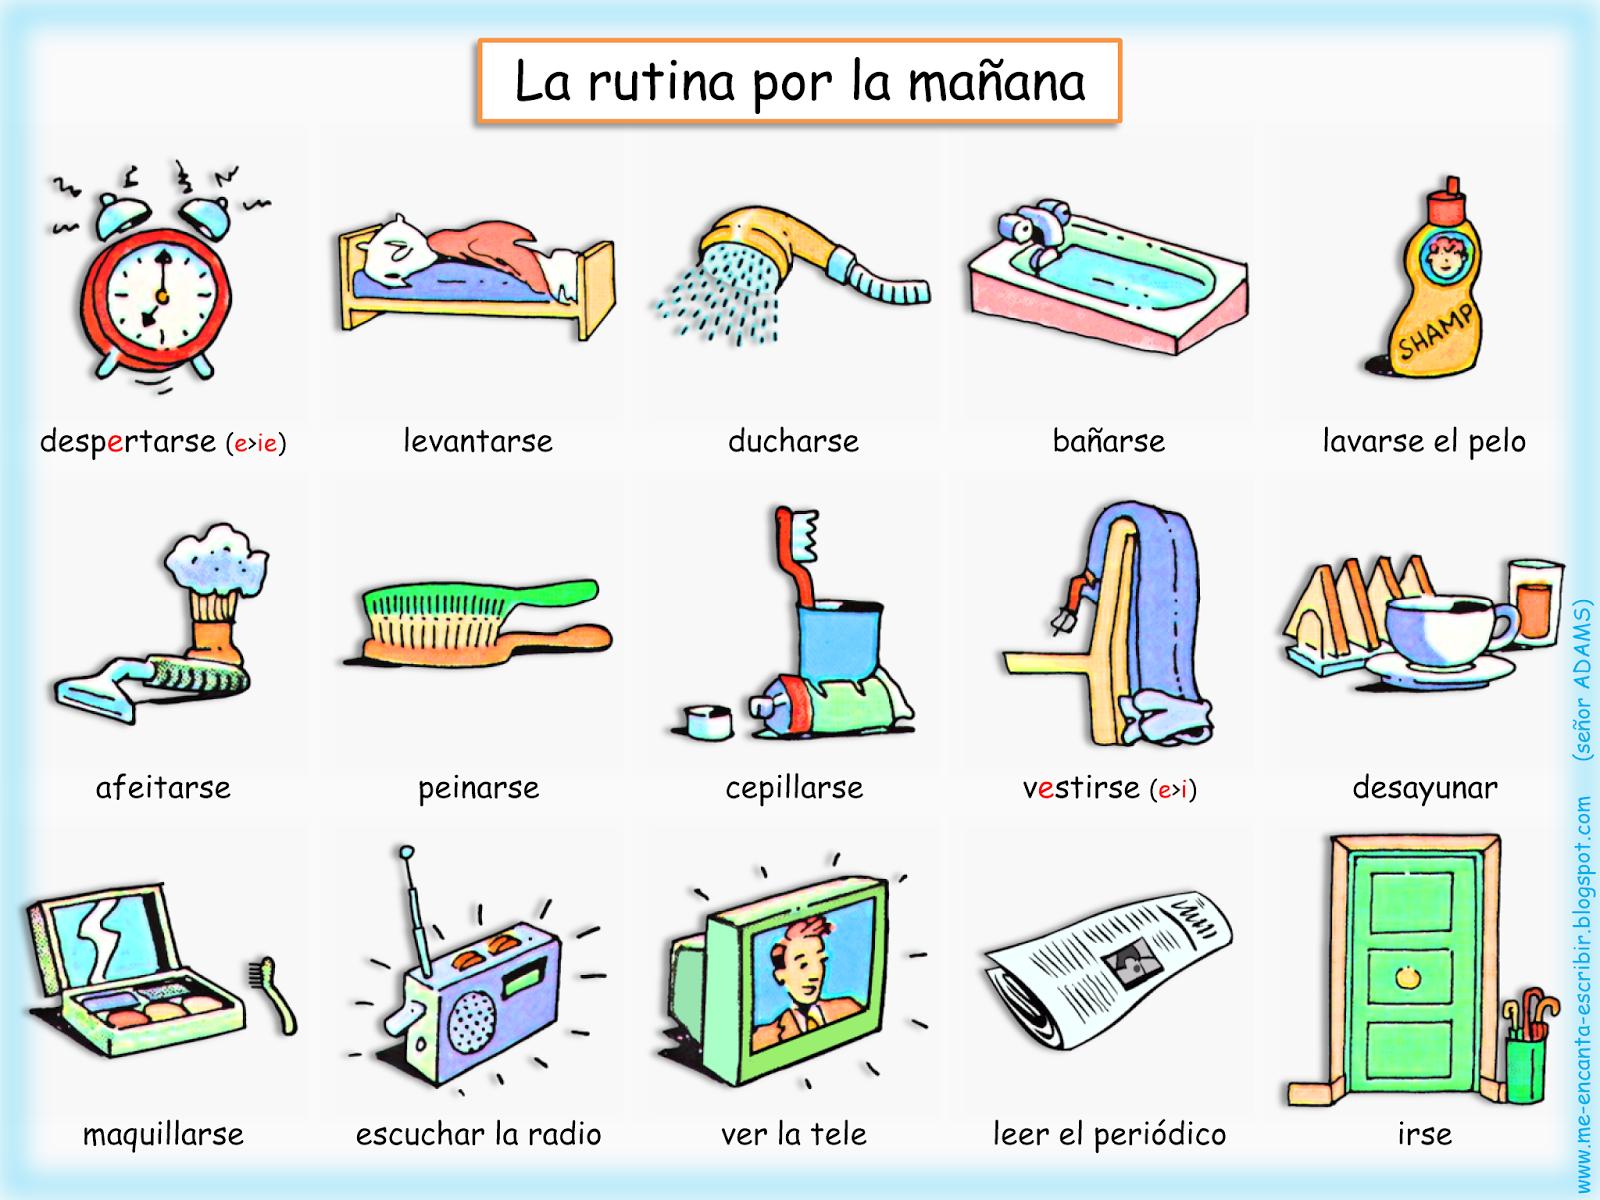 Me Encanta Escribir En Espanol La Rutina Por La Manana